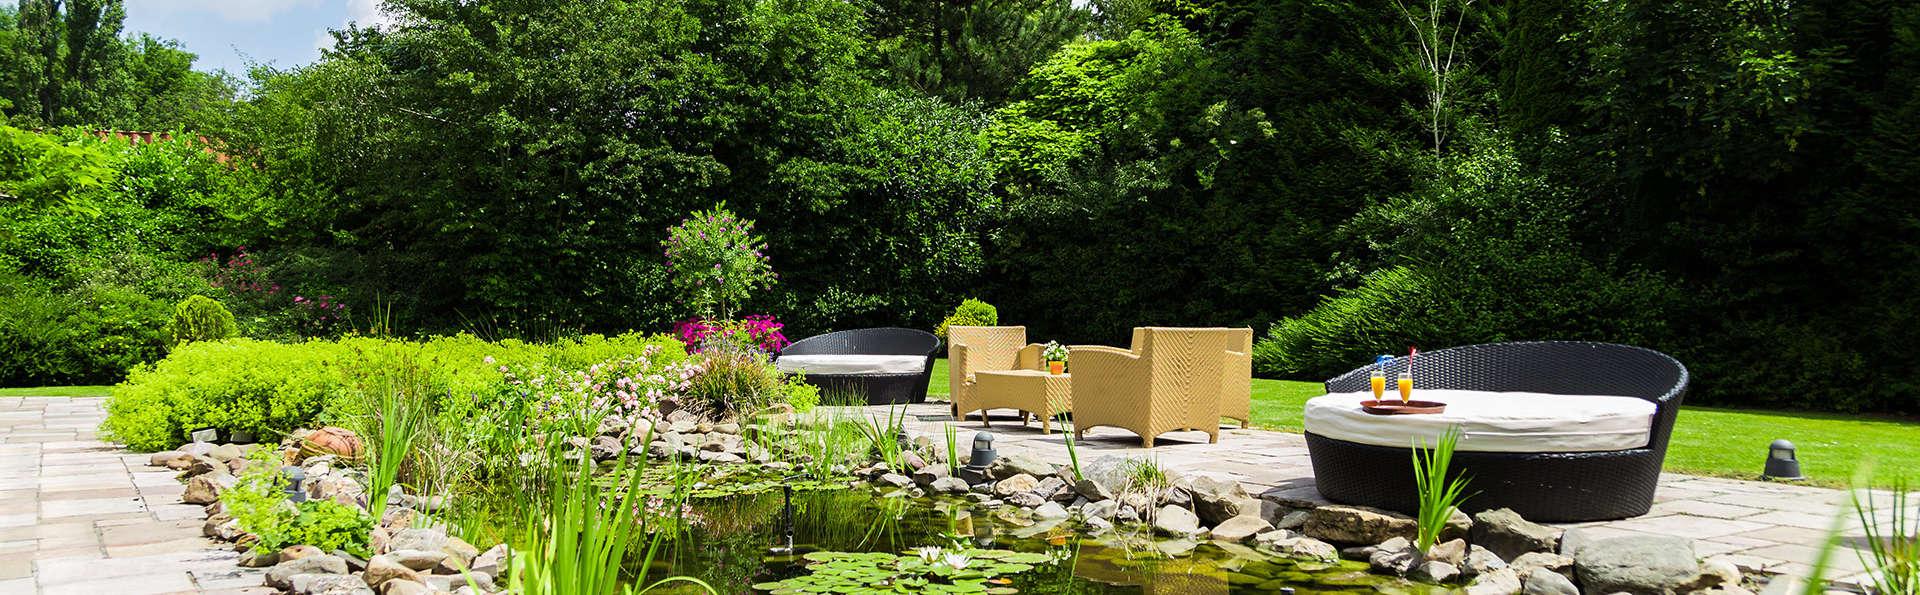 Hotel Schaepkens Van St Fijt - EDIT_garden.jpg